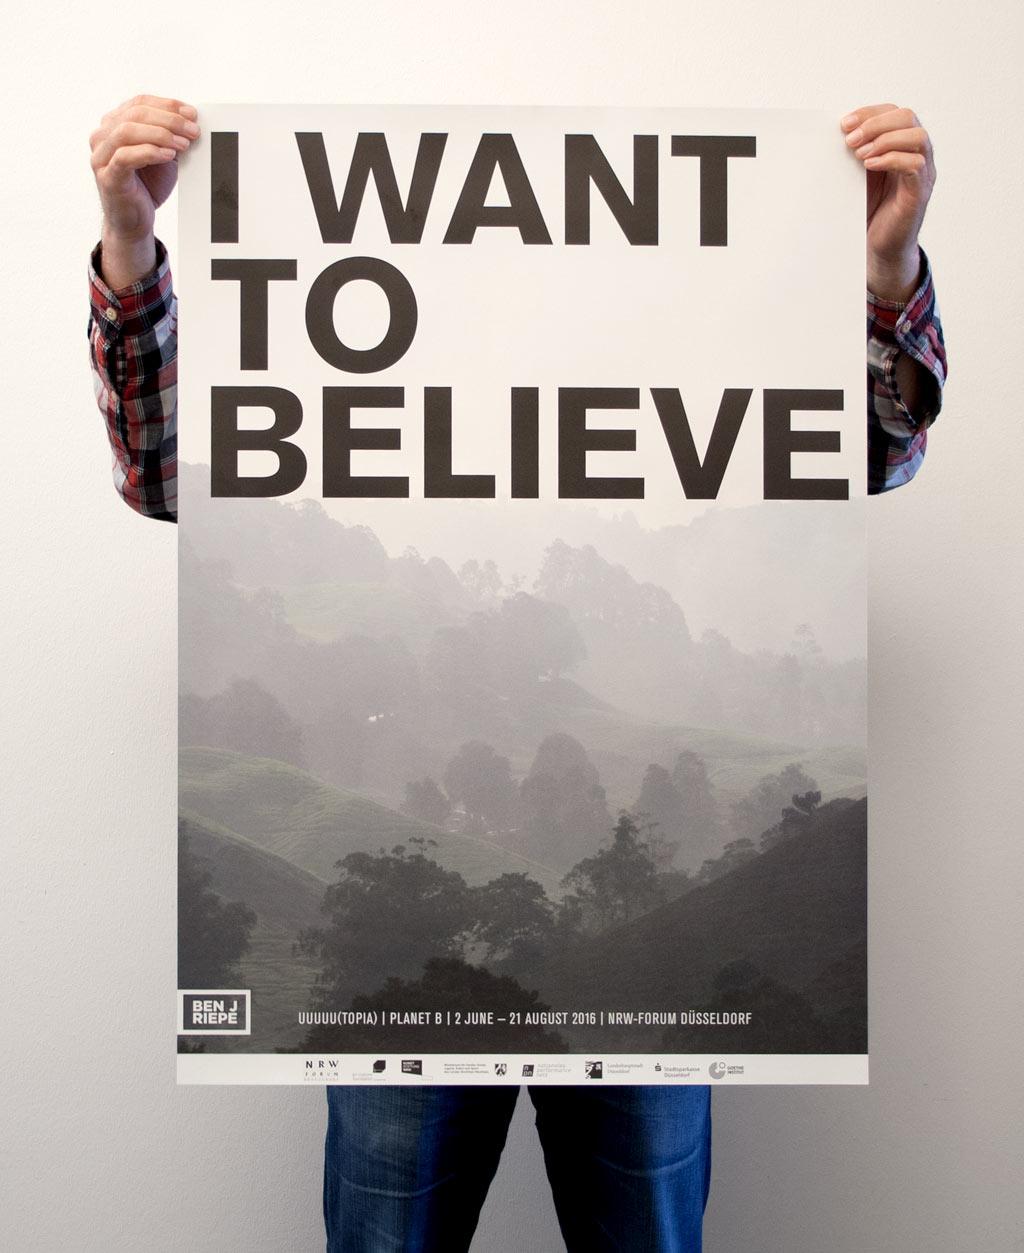 ben j riepe utopia plakat